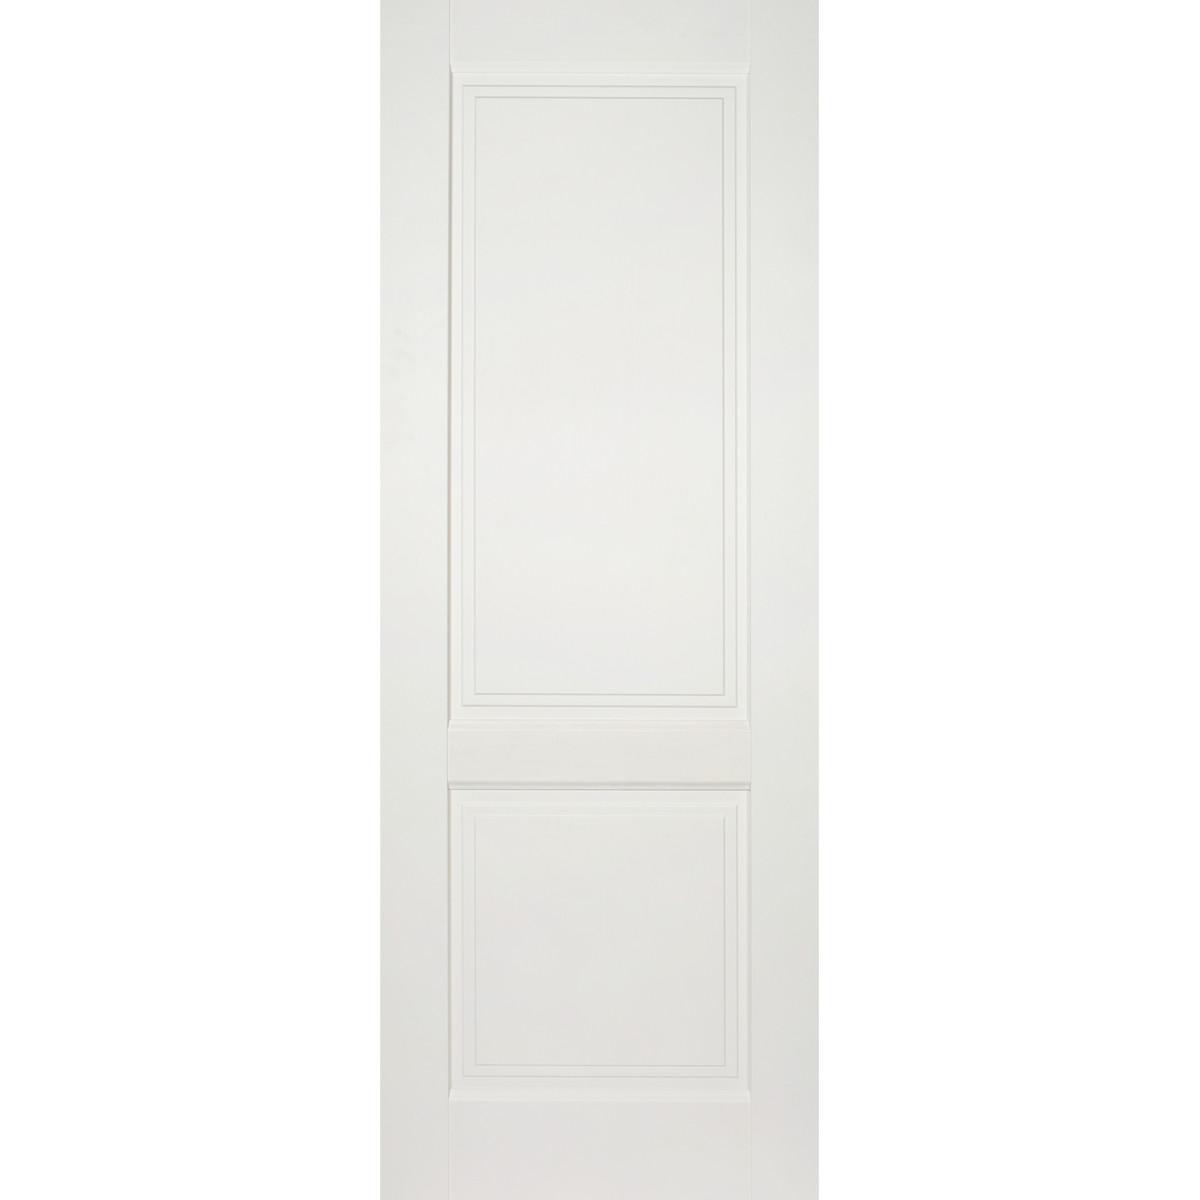 Дверь межкомнатная глухая Кристал 90x200 см цвет пломбир